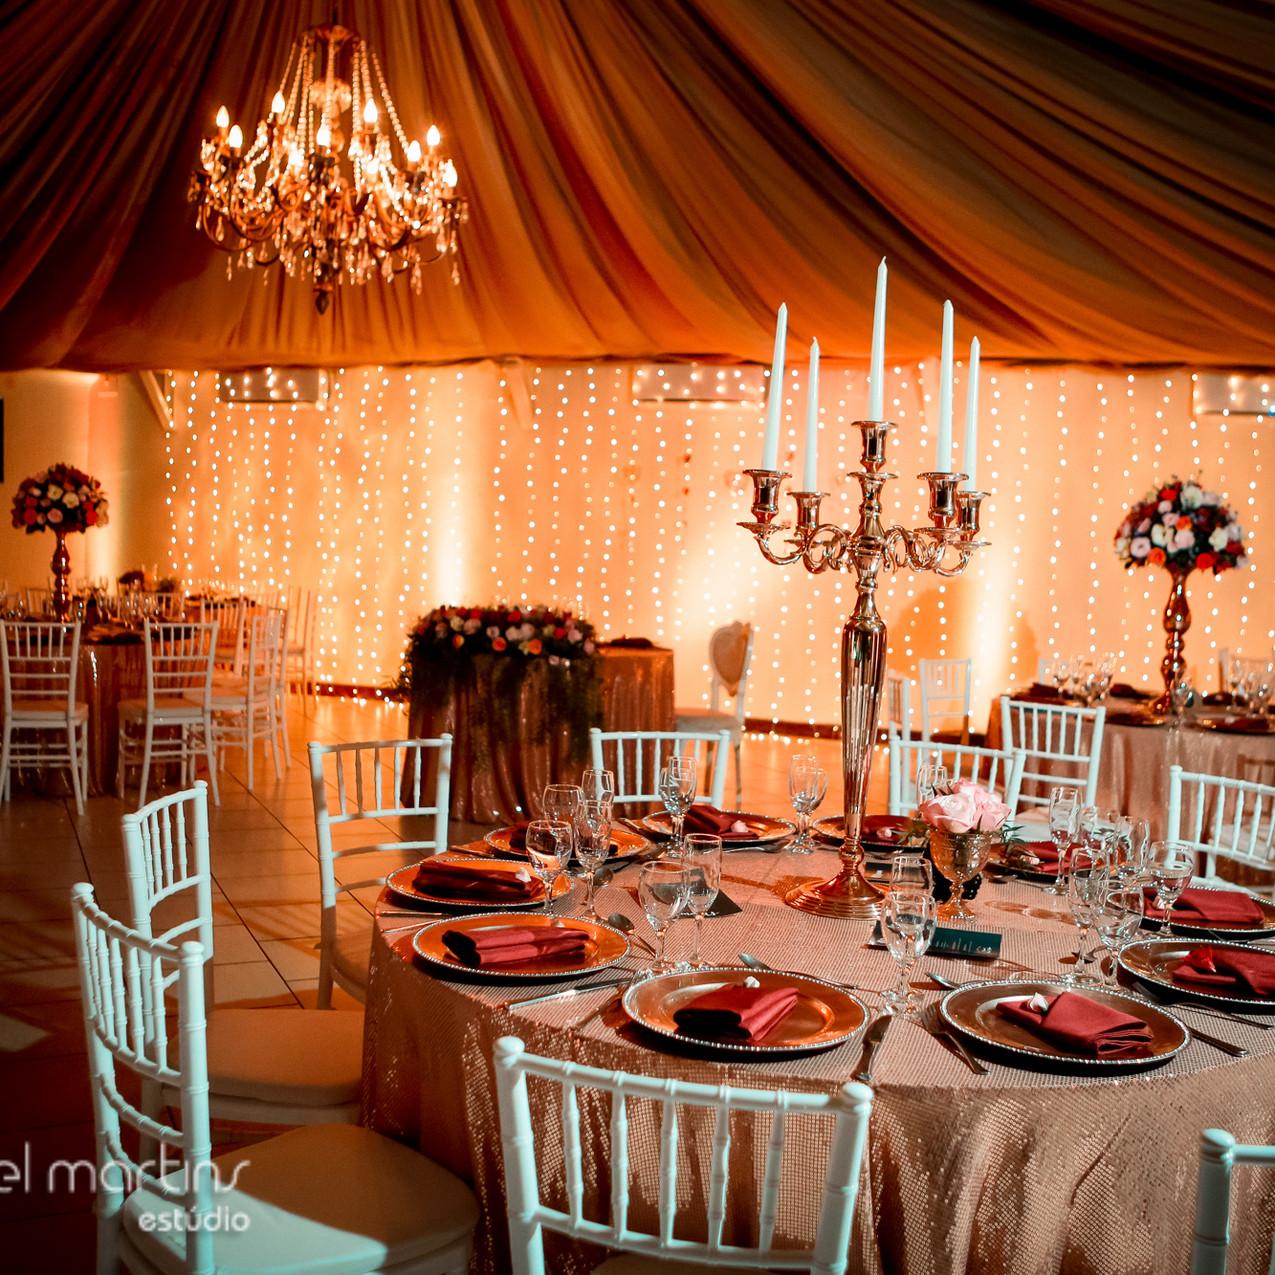 BeR-0684-fotografo-casamento-wedding-gotadagua-rustico-brunaeraul-boho-diy-portoalegre-daniel-martins